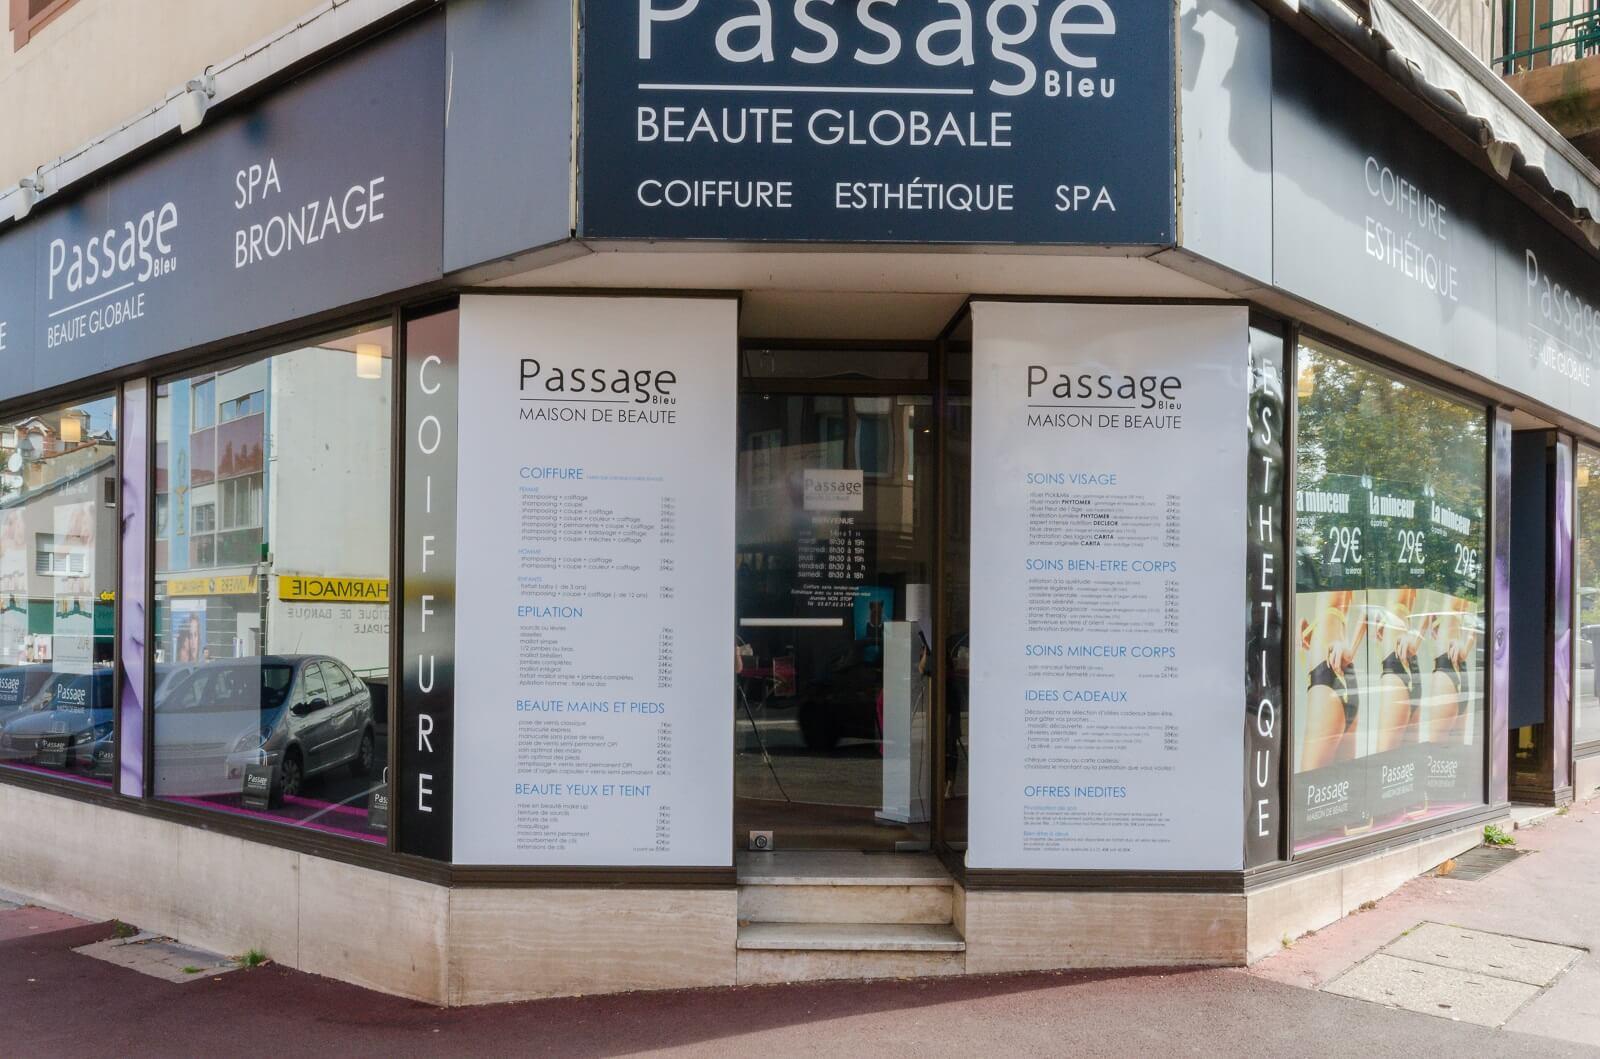 Passage Bleu Sarreguemines, institut de beauté, coiffeur Sarreguemines